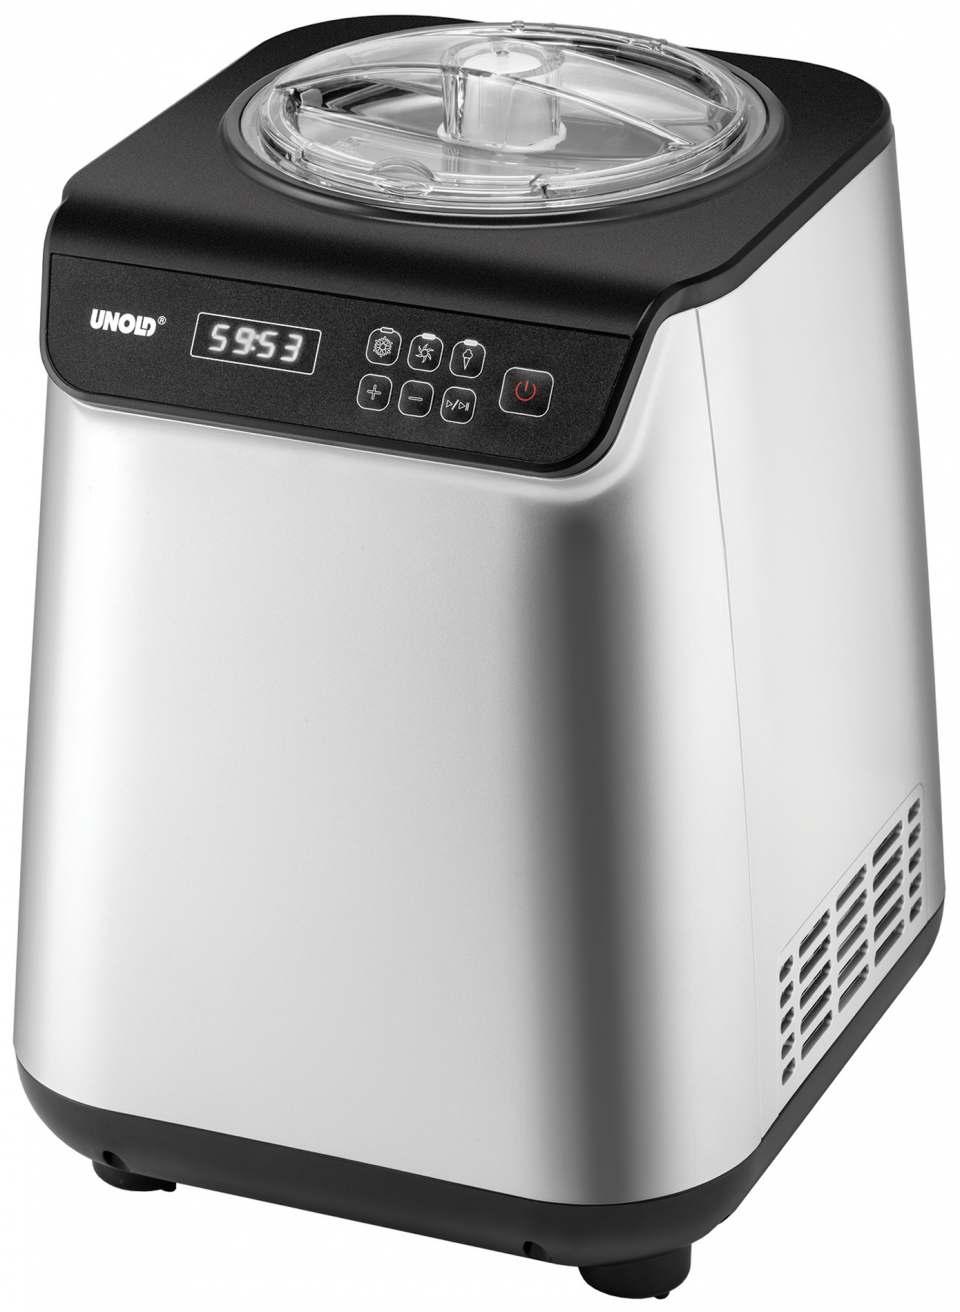 Unold Eismaschine Uno mit eloxiertem Eisbehälter.